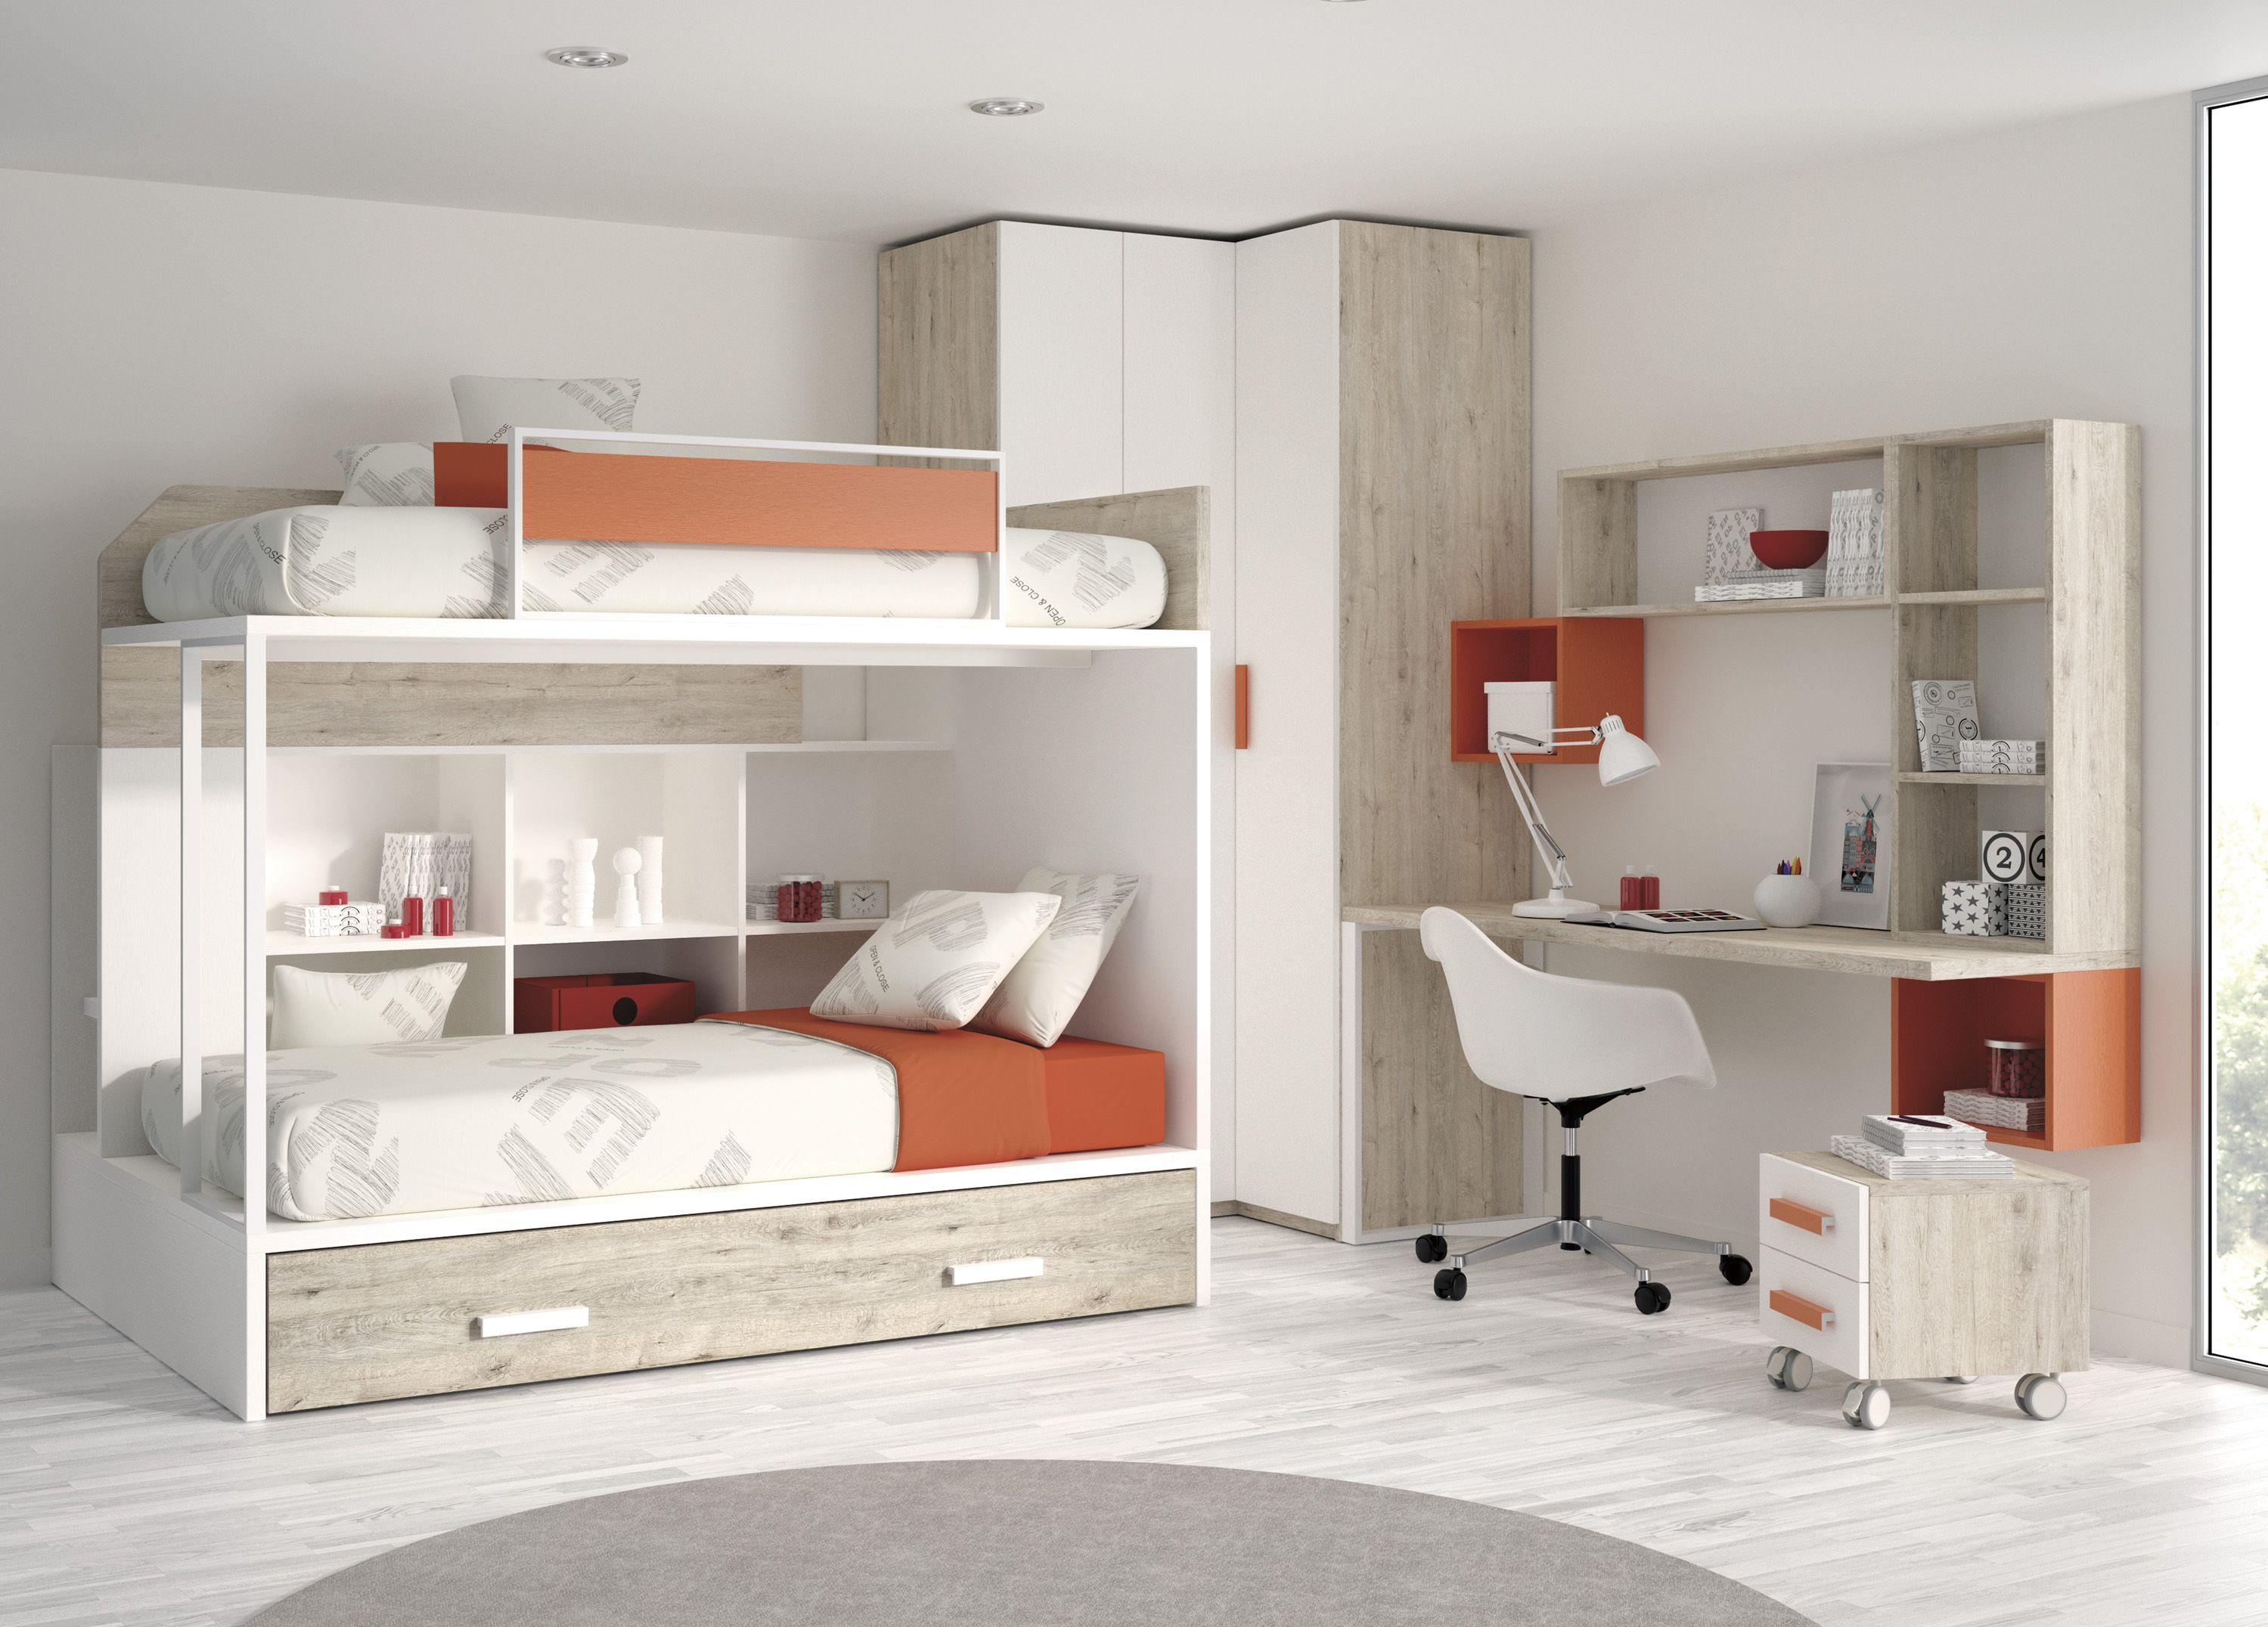 Literas con cama nido para habitaciones infantiles for Cama nido de tres camas